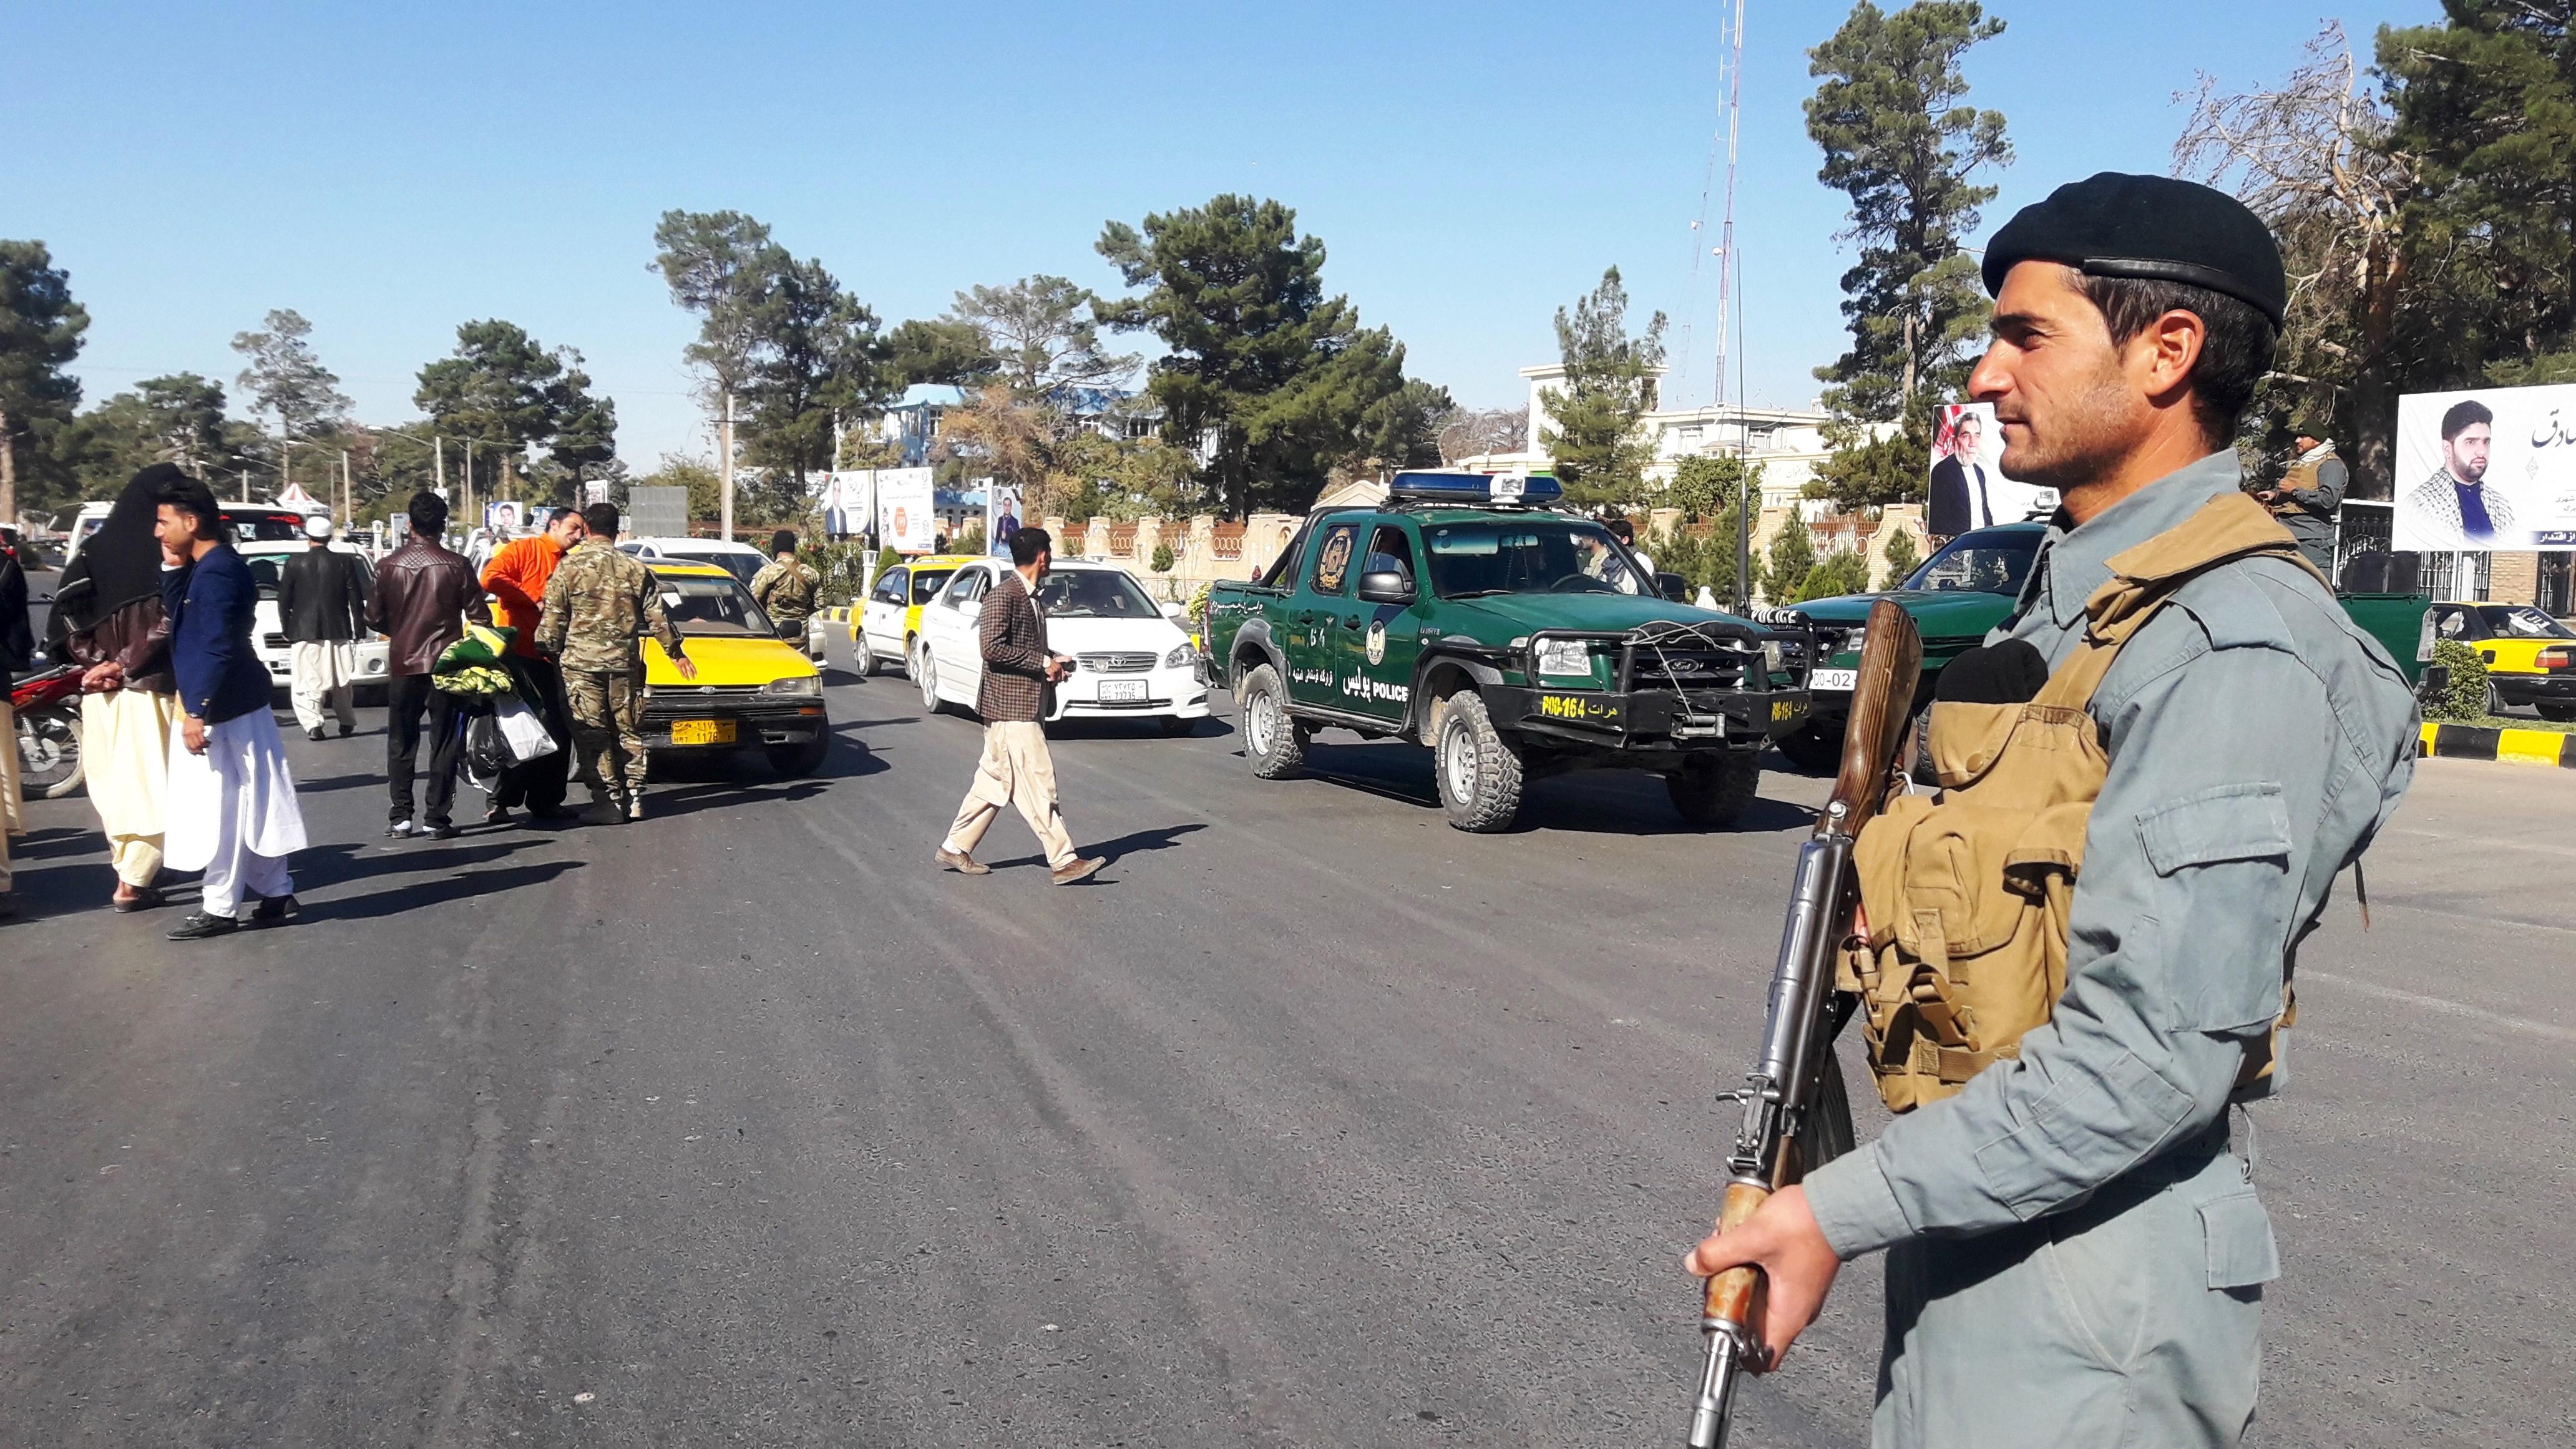 مقامات: نیروهای امنیتی افغان برای تأمین امنیت انتخابات پارلمانی آماده اند